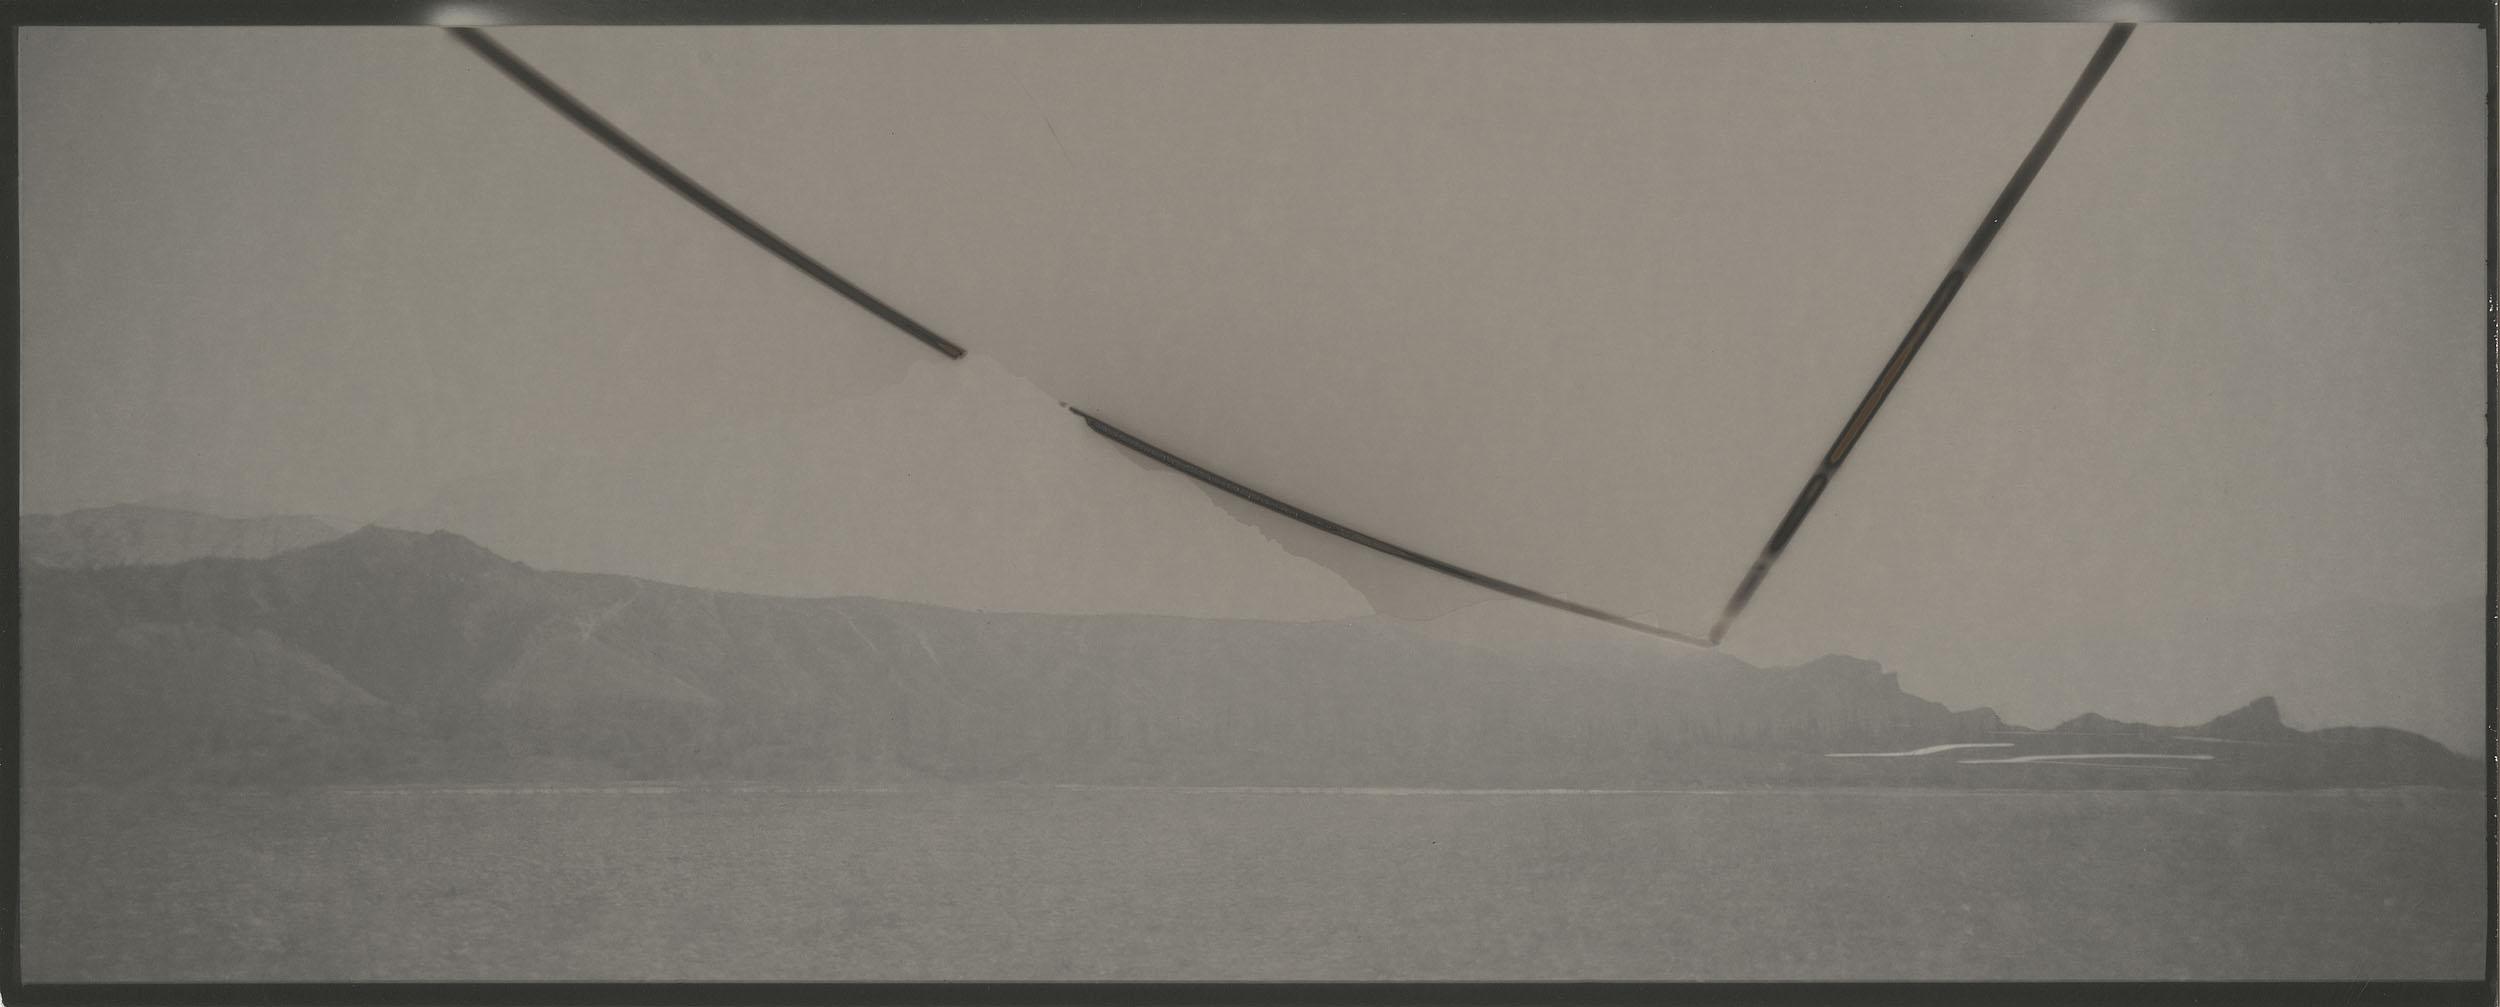 """Heliograph #53, 2014. 8""""x20"""" unique gelatin silver paper negative. Courtesy of Yossi Milo Gallery, New York"""